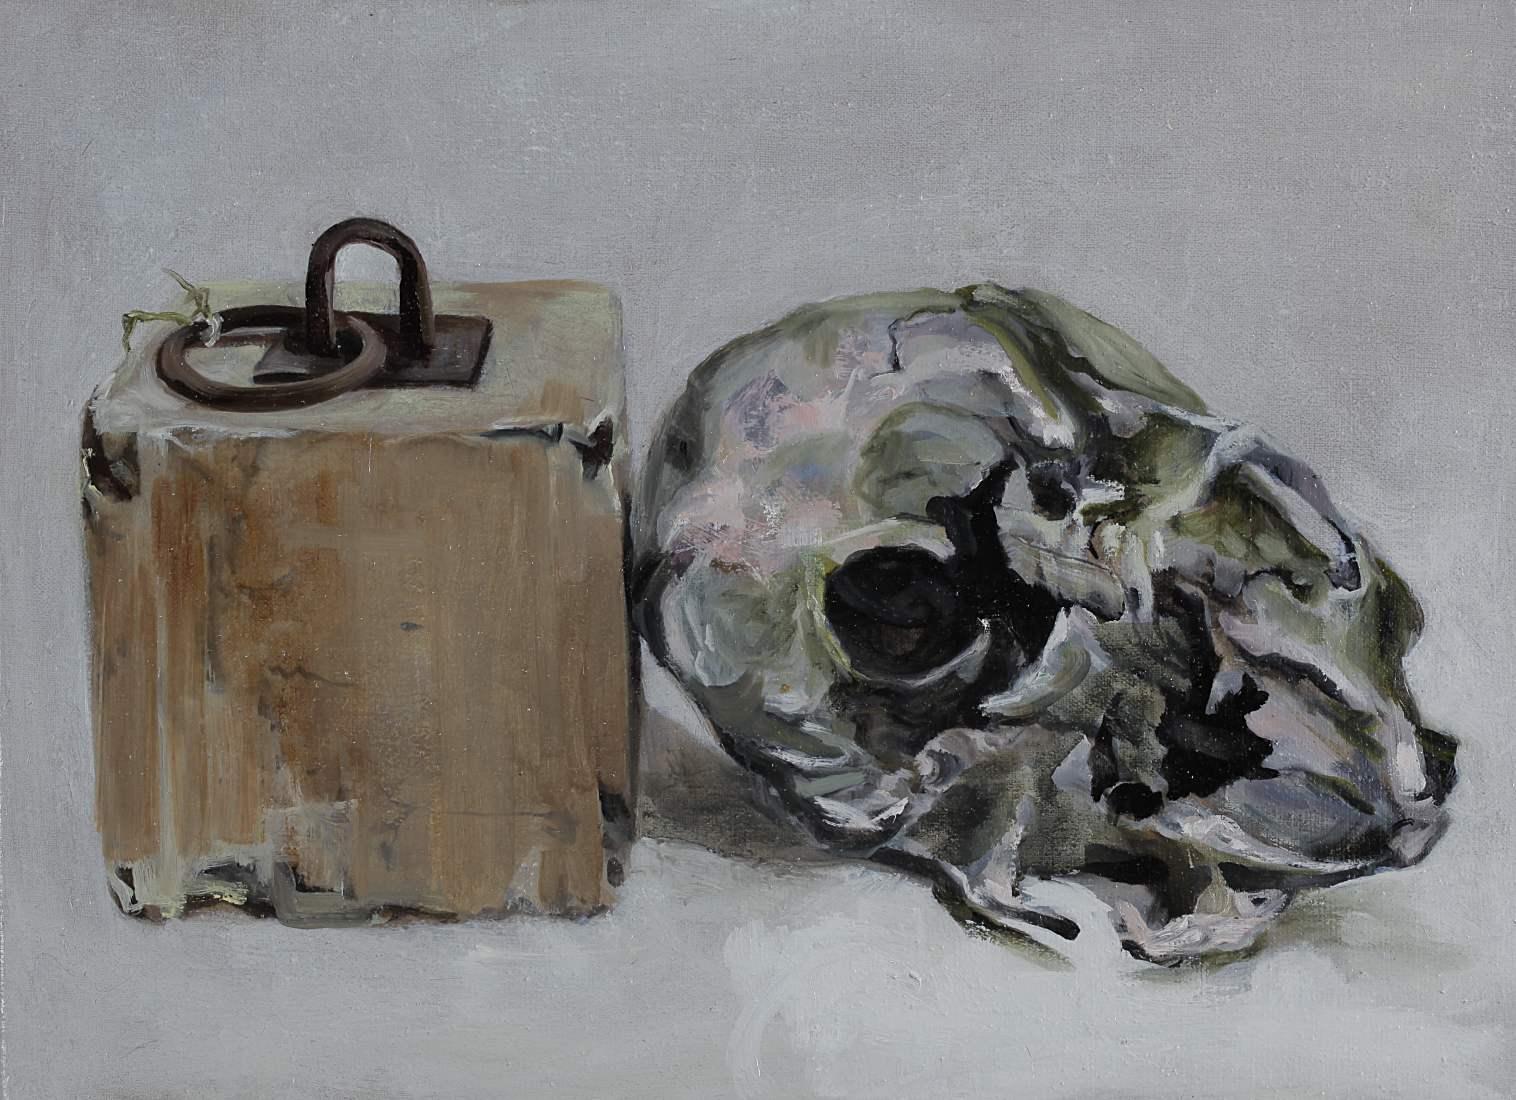 Stilleven olieverf op linnen schedel en blok eerste 30 x 50 cm